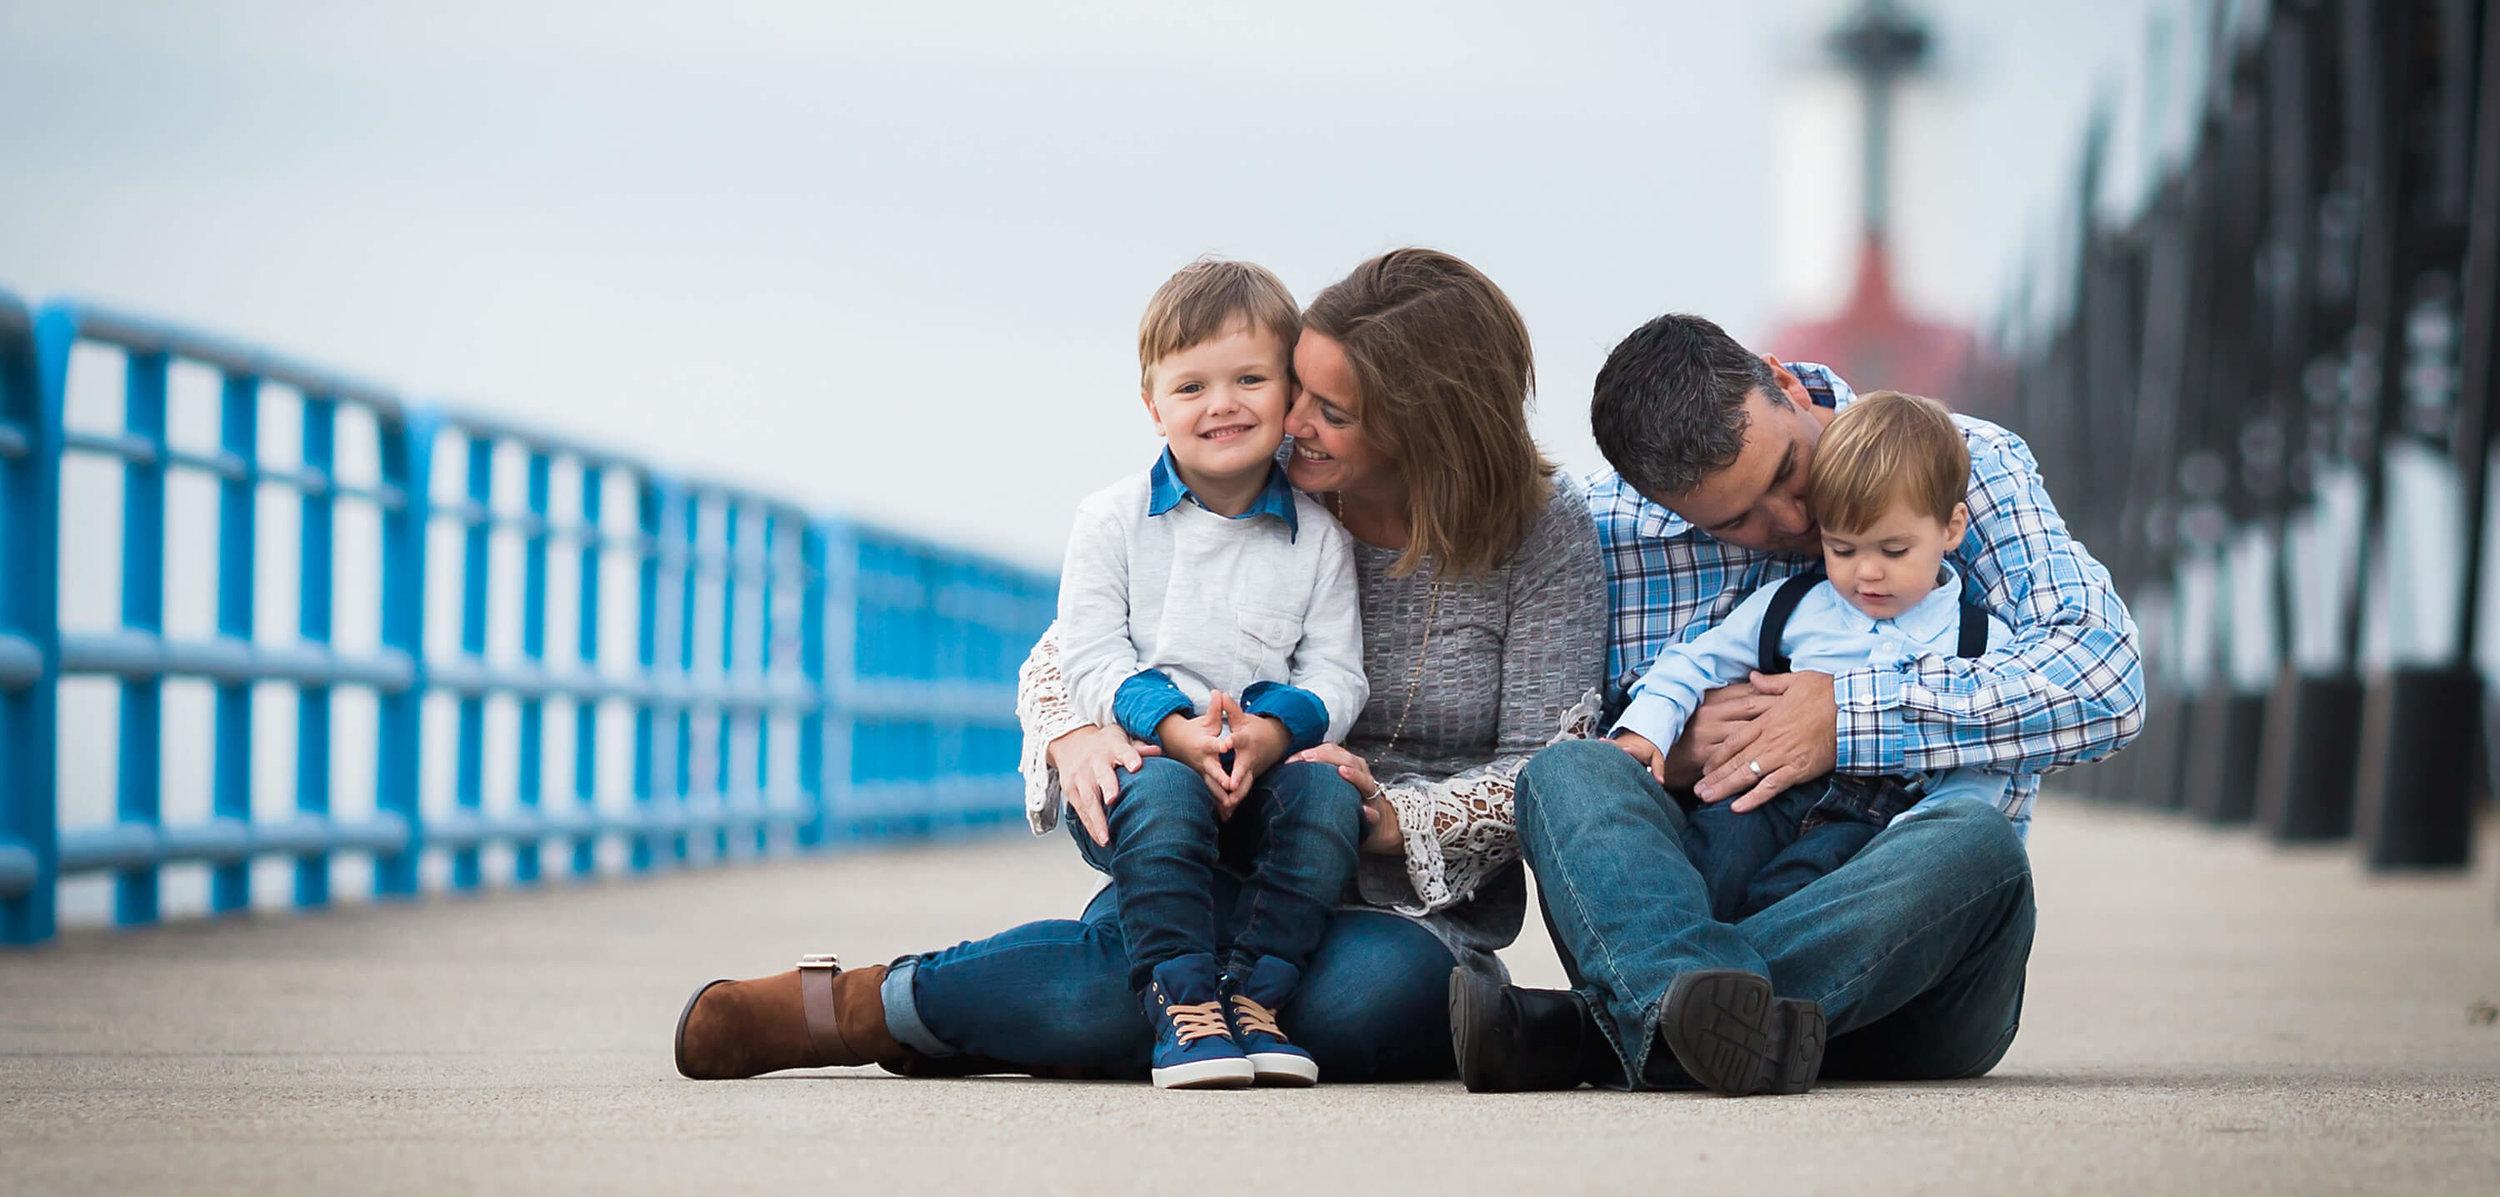 Sweet Snaps Photography - Northwest Indiana Family Photography.jpg